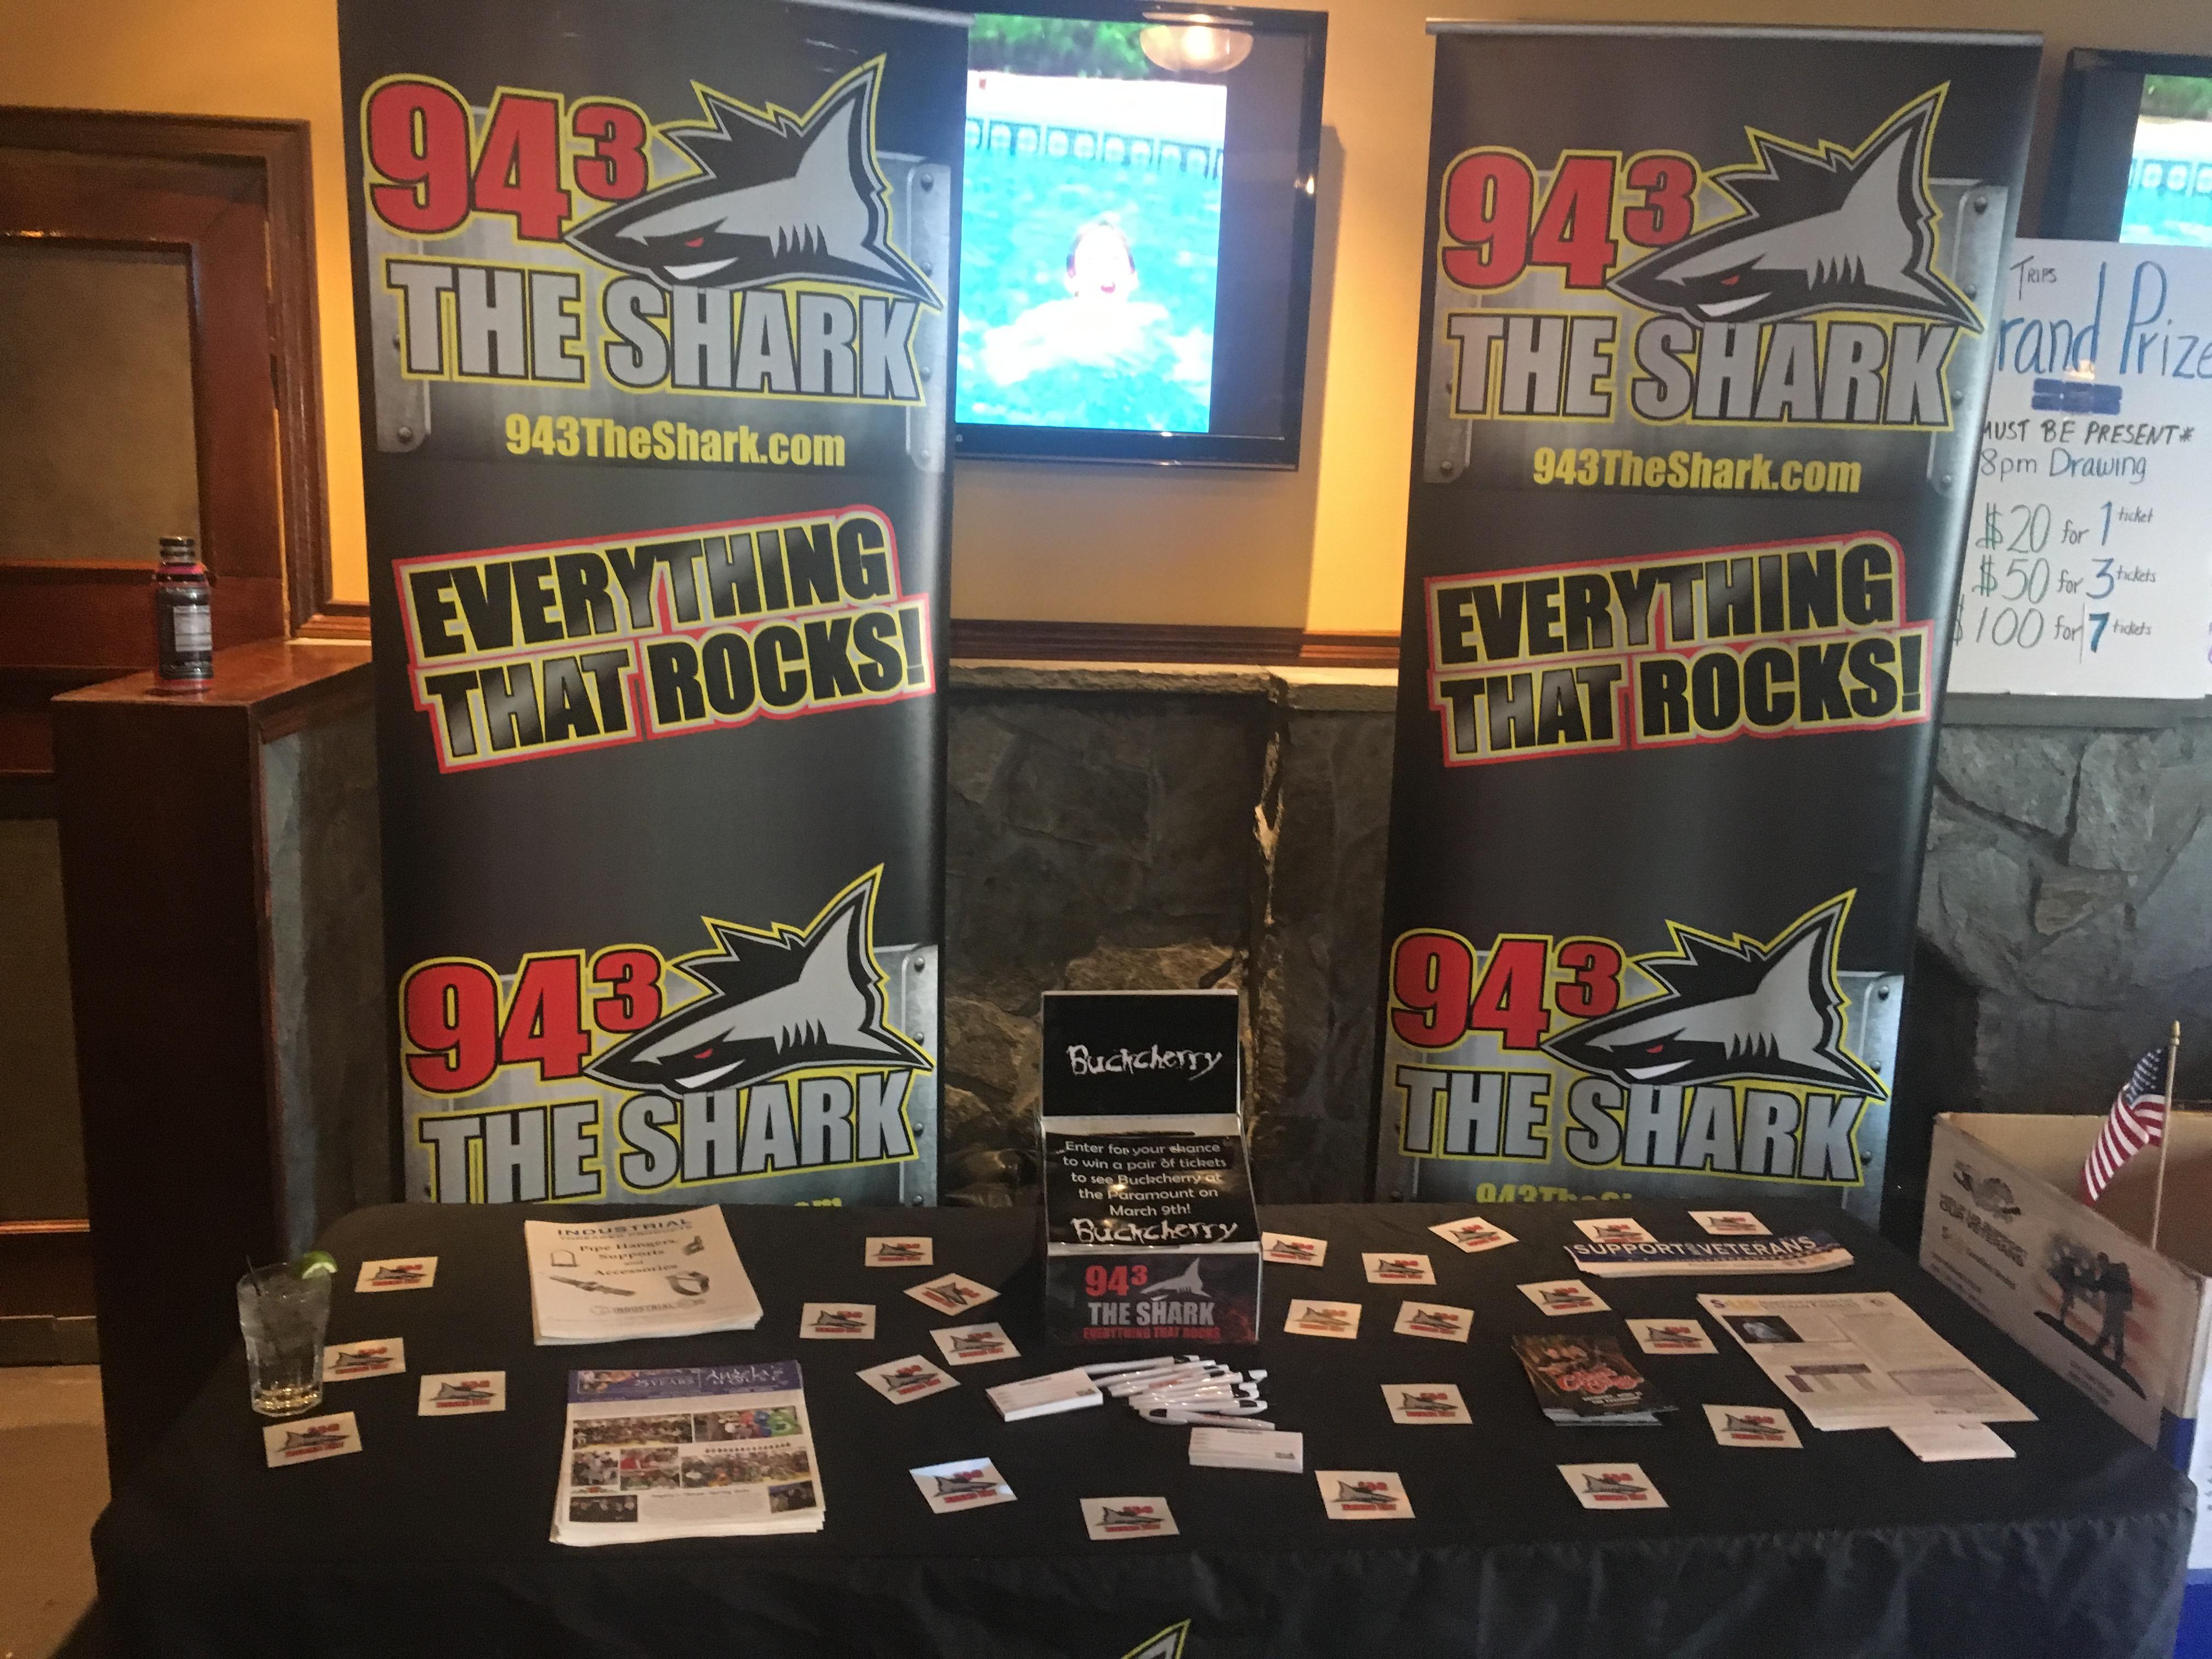 94.3 The Shark at Stony Brook University Basketball